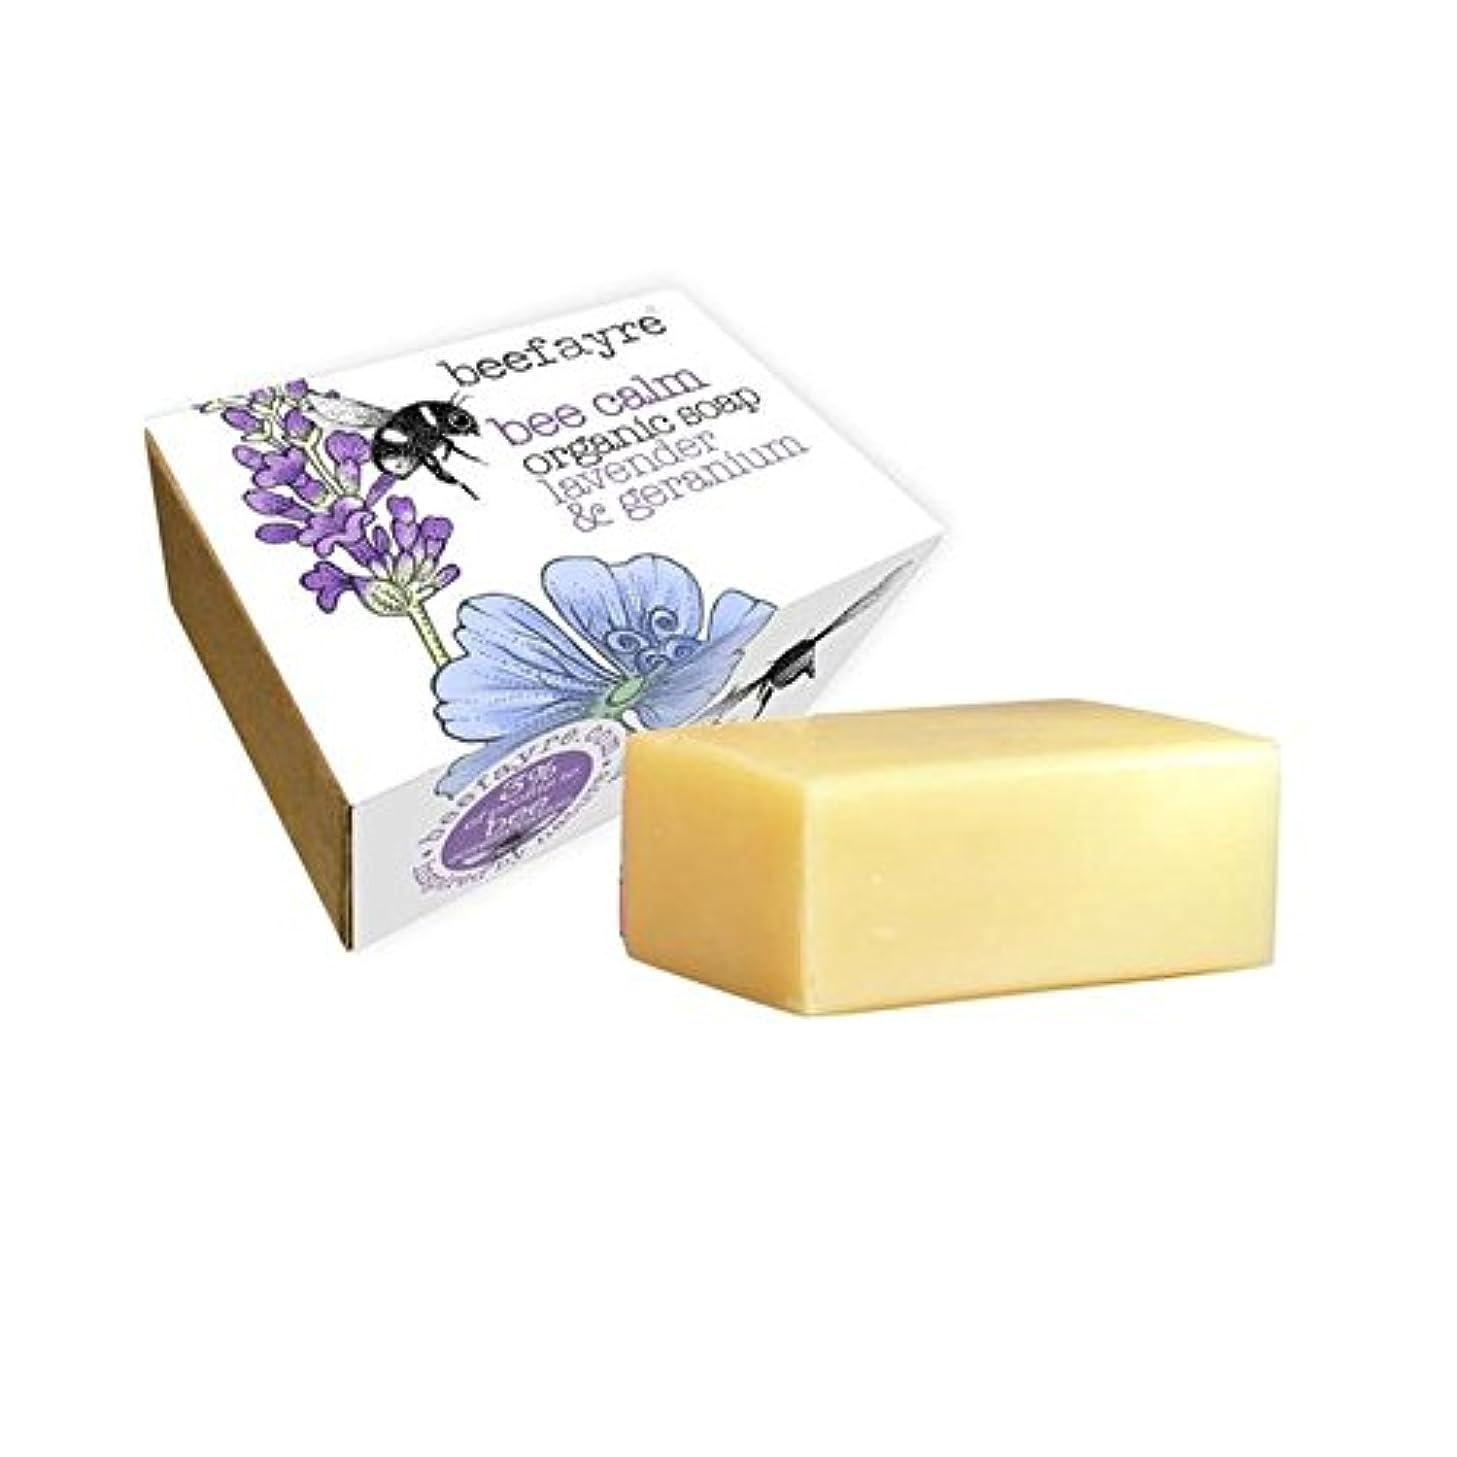 パーチナシティ詳細な数Beefayre Organic Geranium & Lavender Soap - 有機ゼラニウム&ラベンダー石鹸 [並行輸入品]